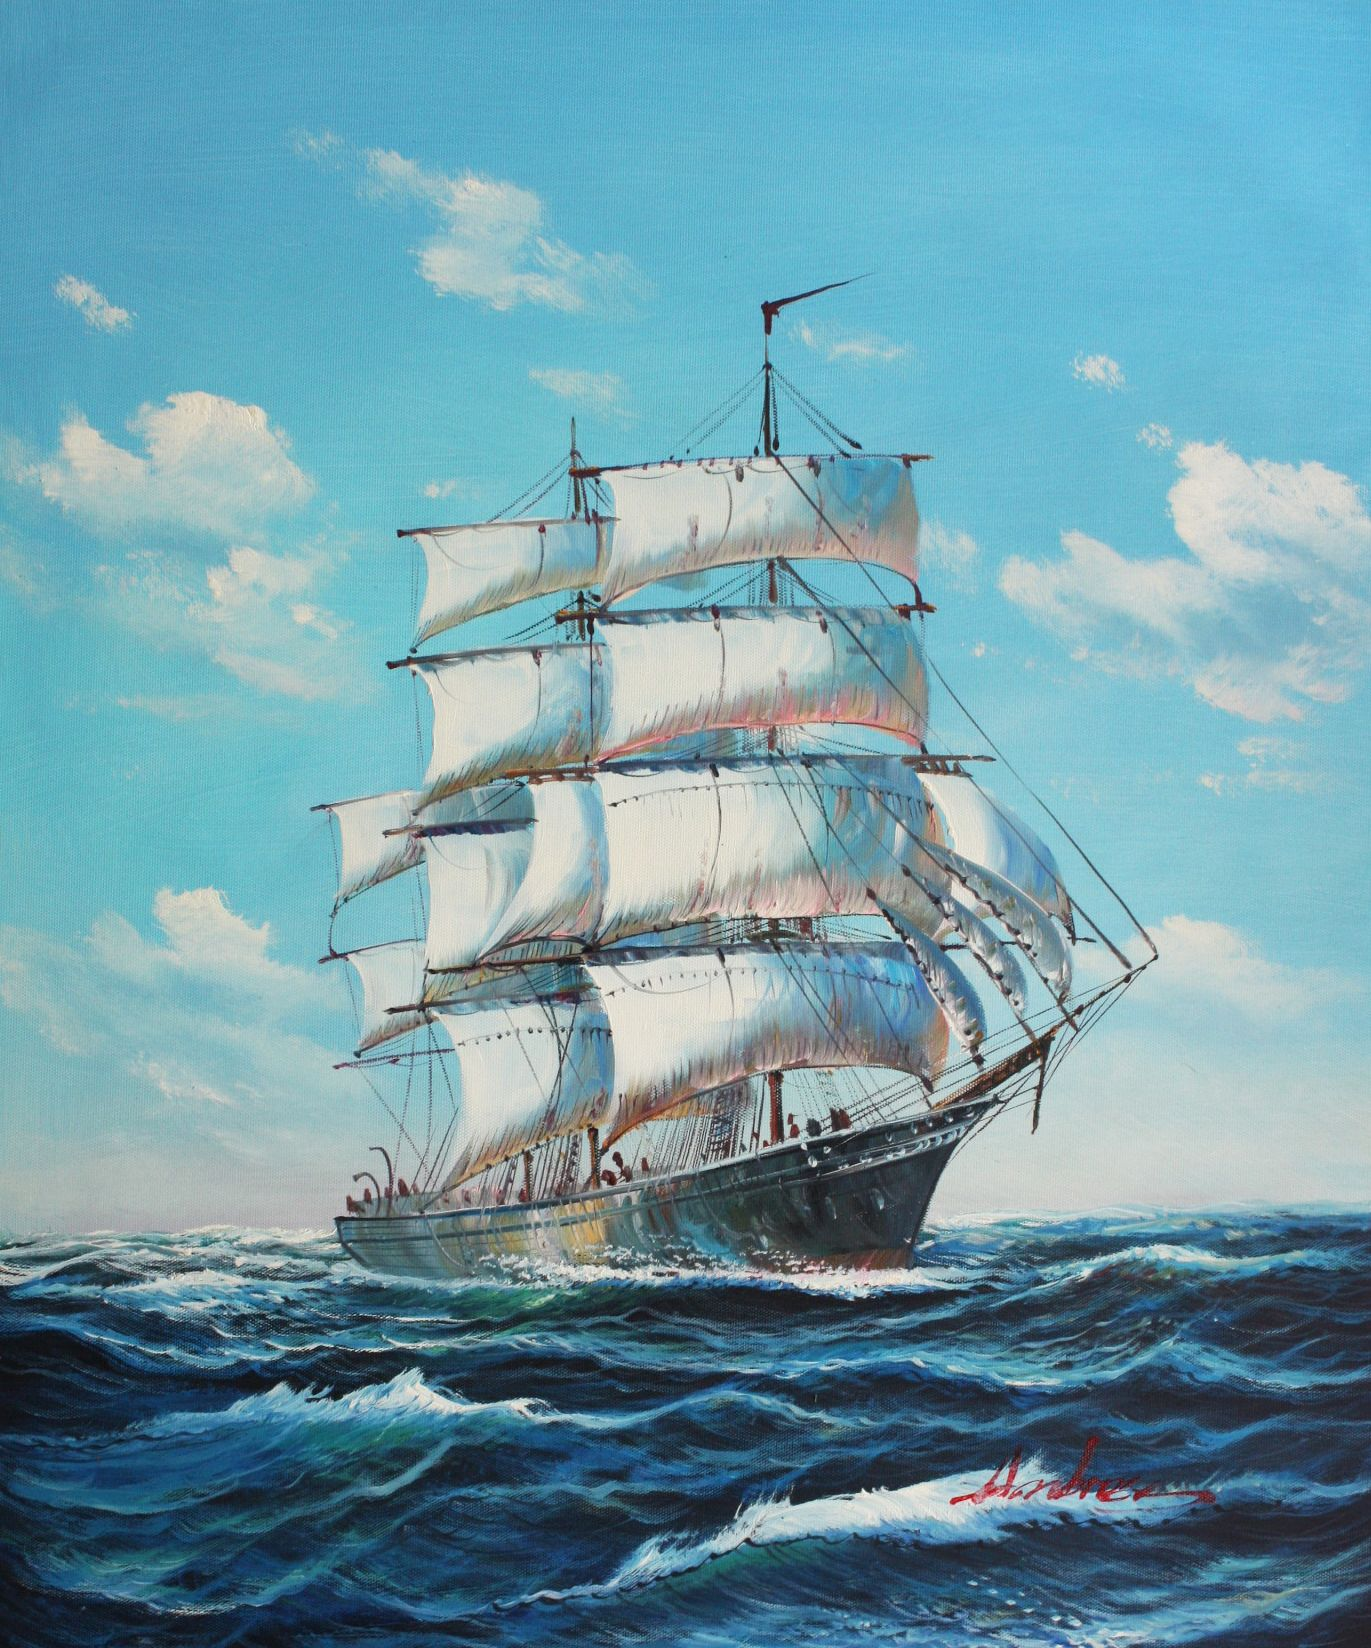 Segelschiff auf stürmischer See c96523 50x60cm imposantes Ölgemälde